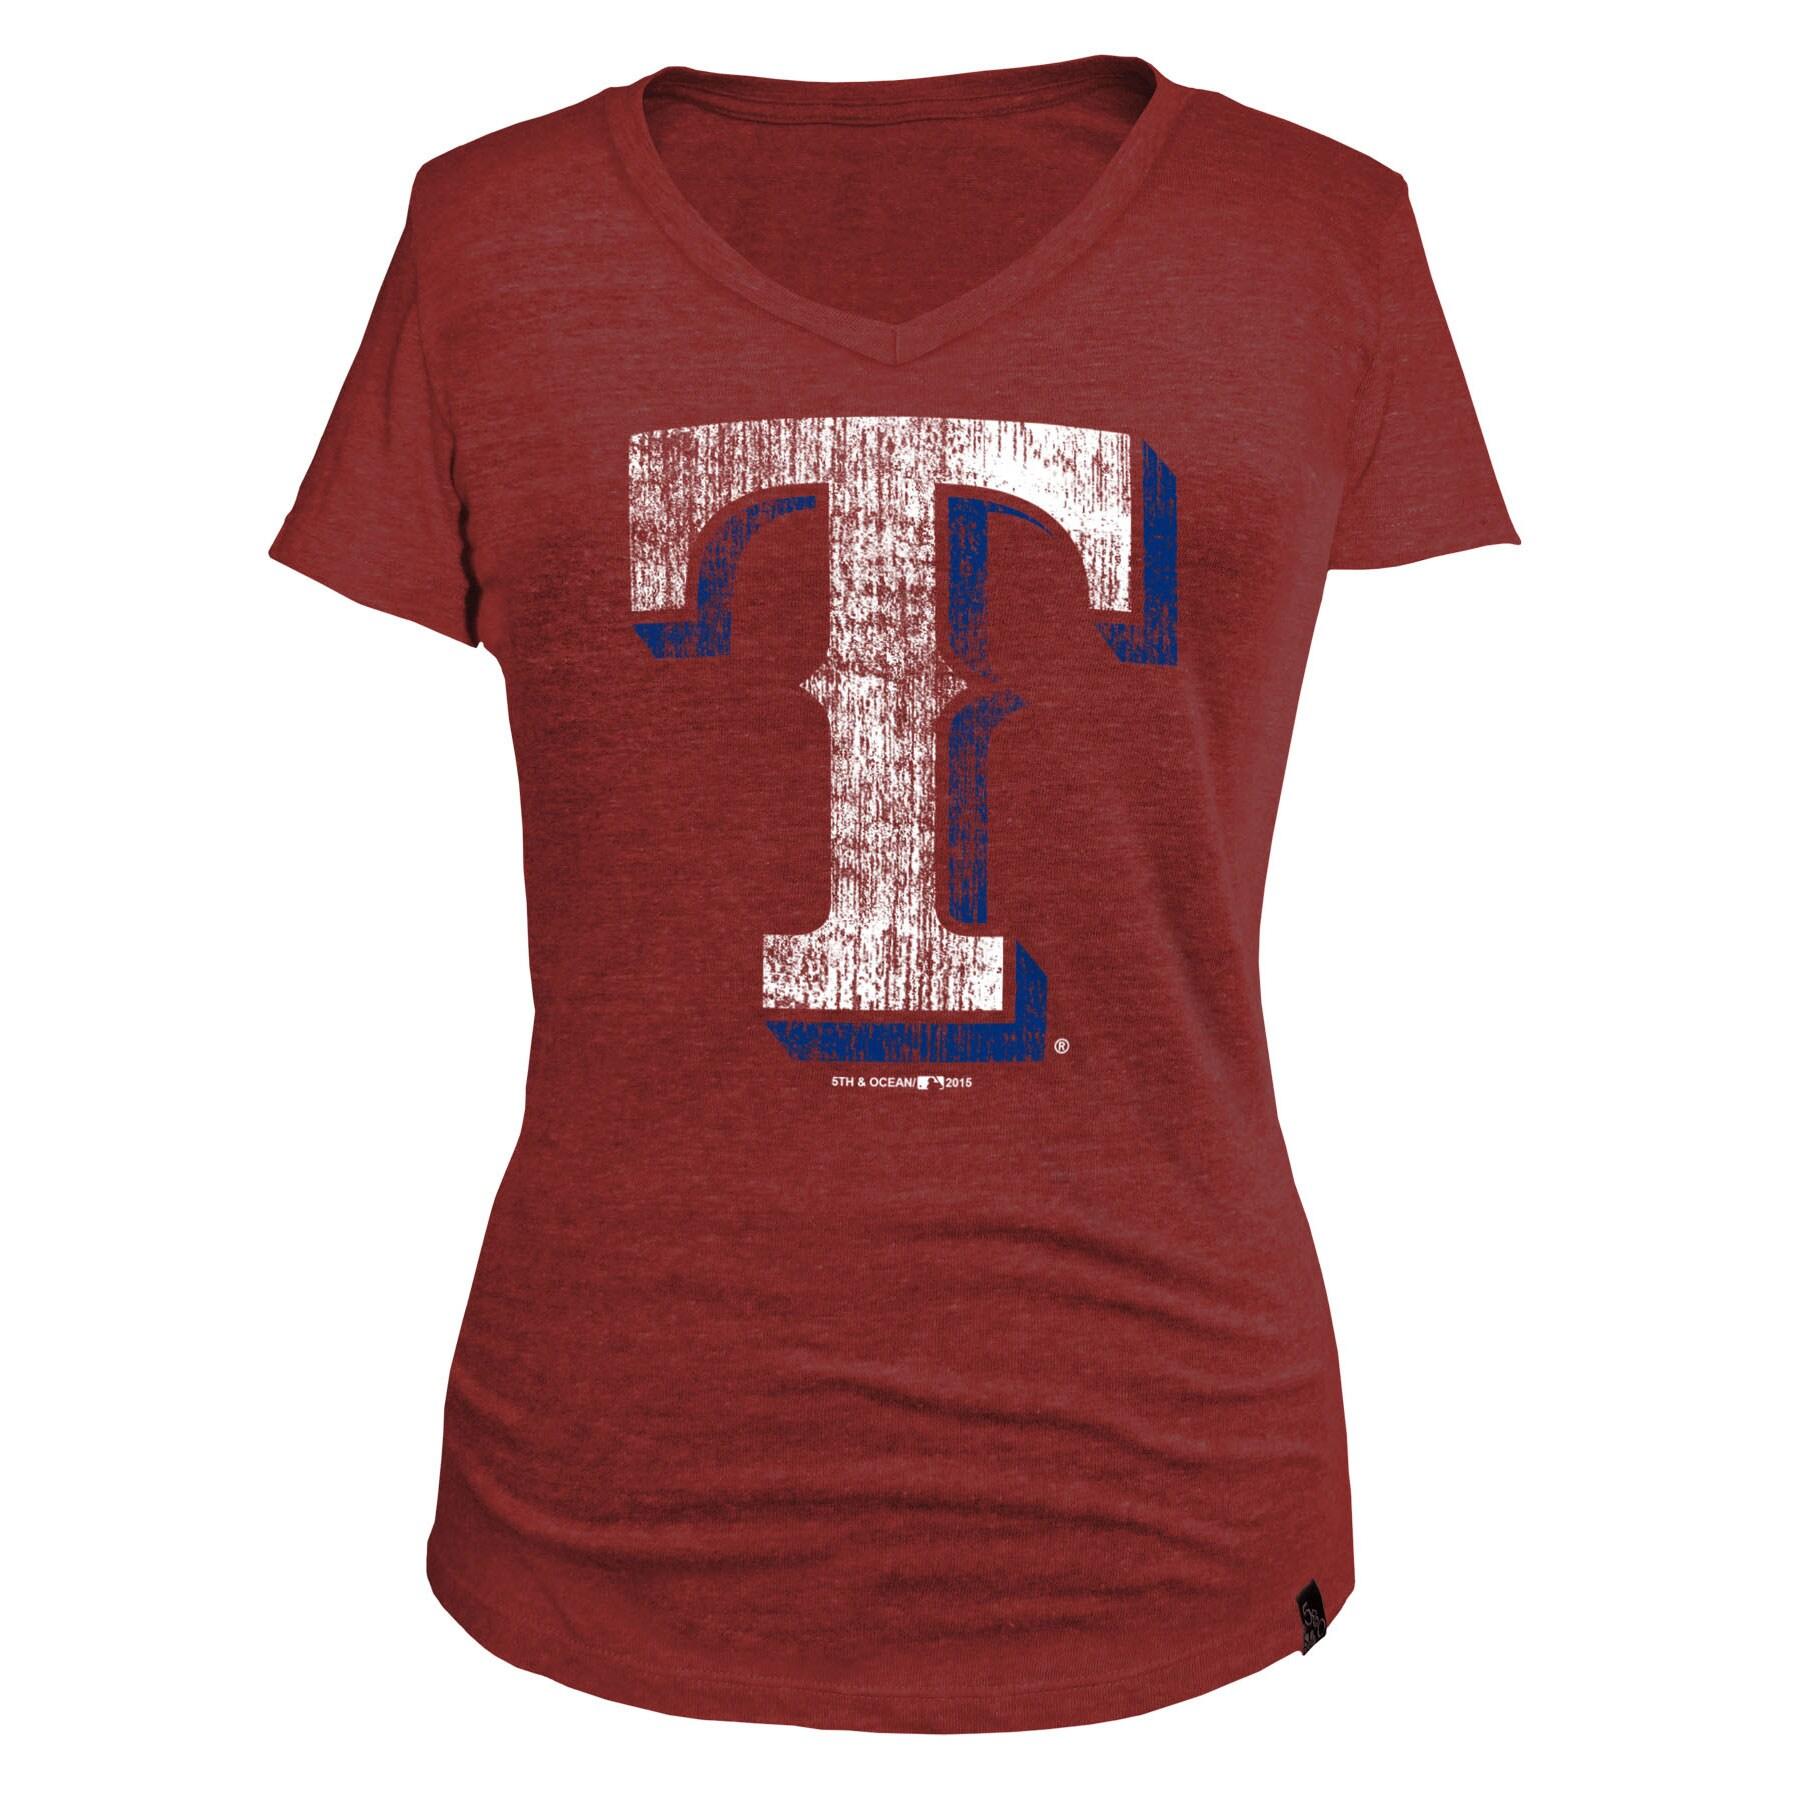 Texas Rangers 5th & Ocean by New Era Women's Tri-Blend Basic Logo V-Neck T-Shirt - Red